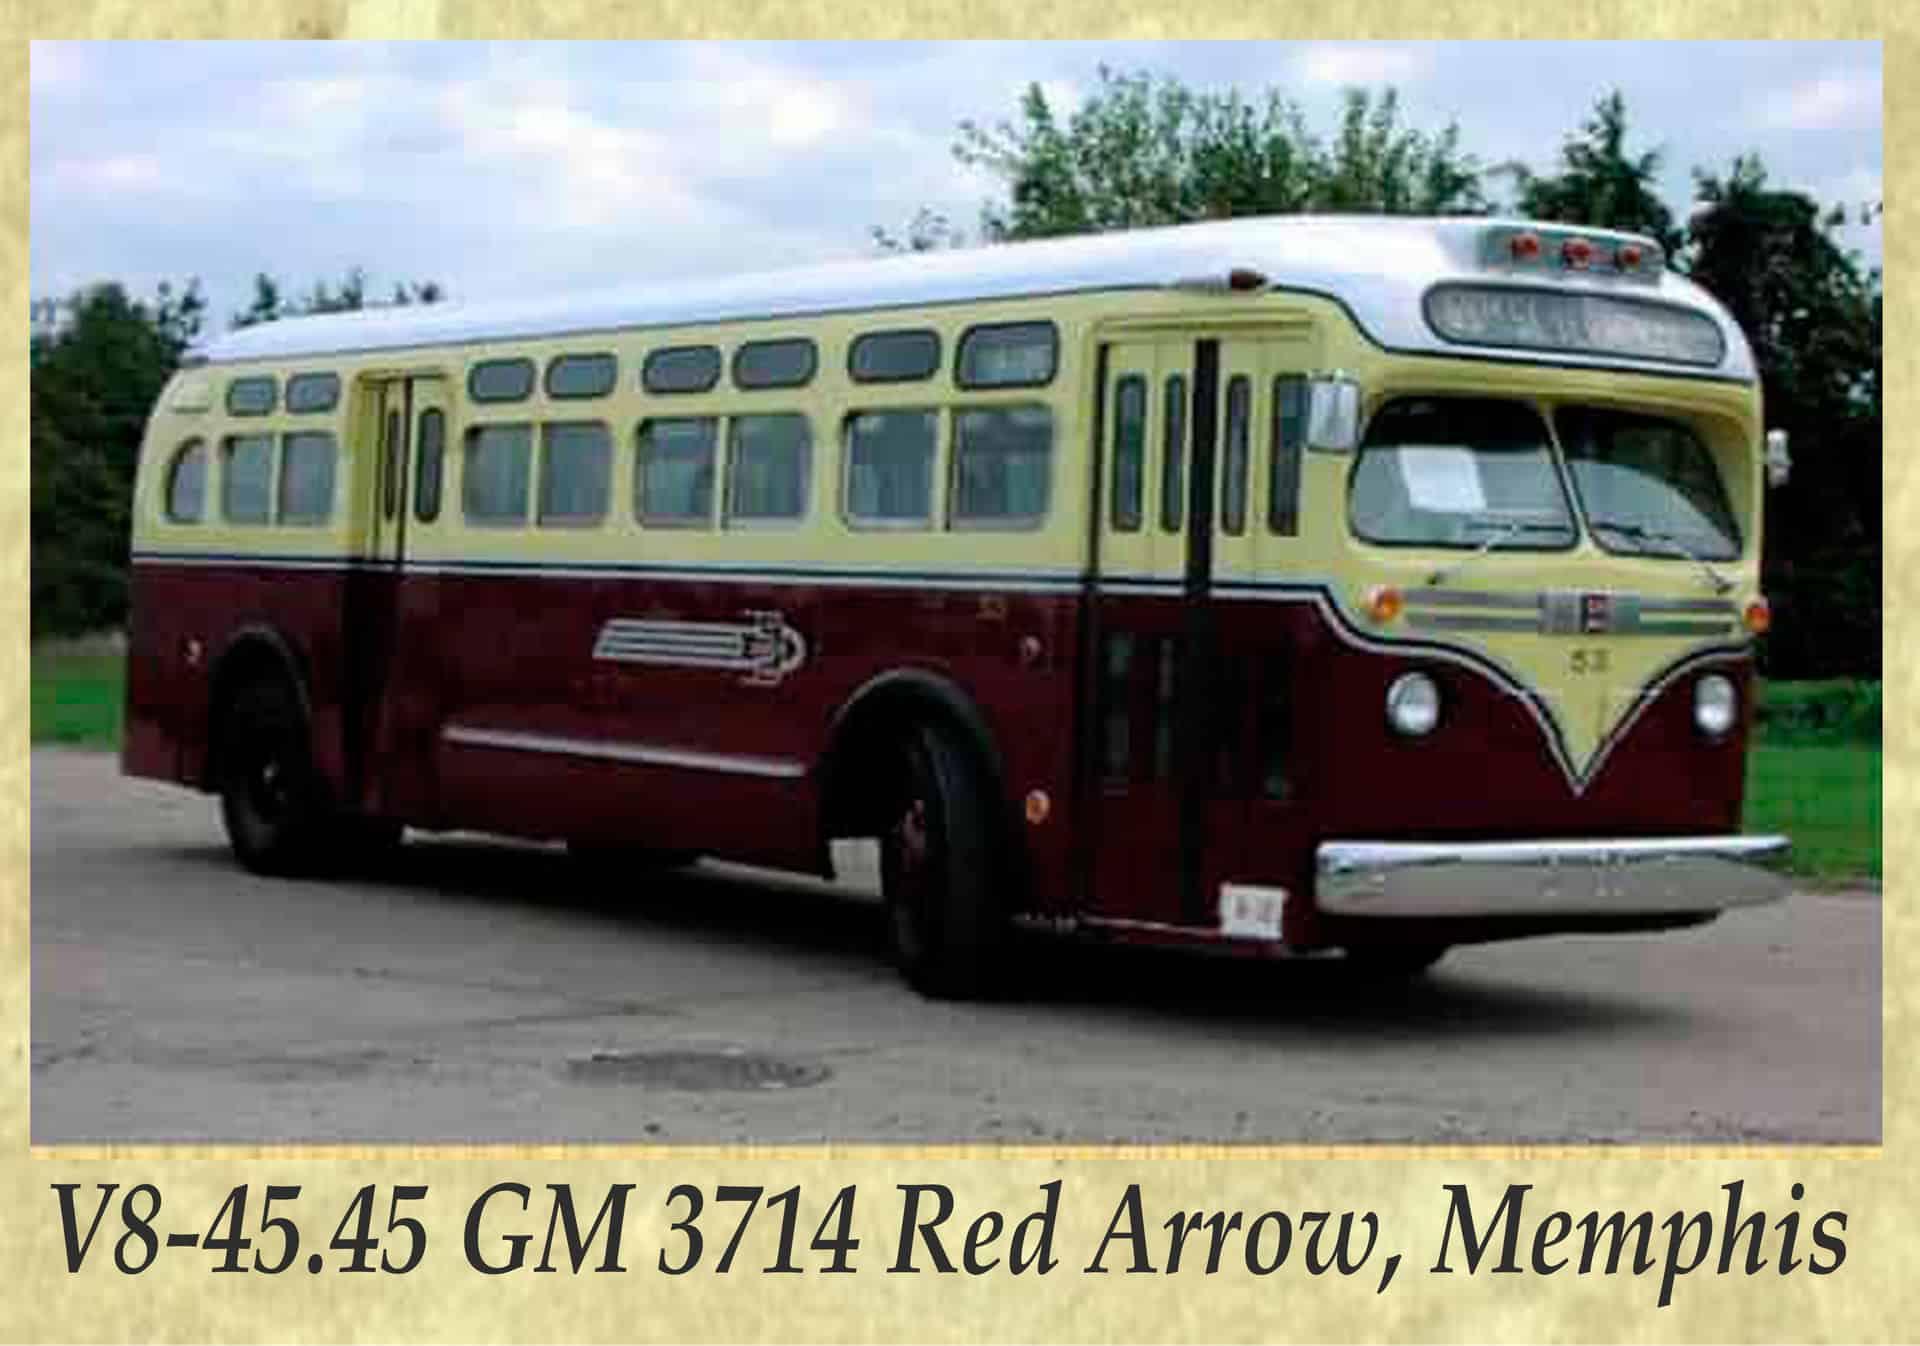 V8-45.45 GM 3714 Red Arrow, Memphis